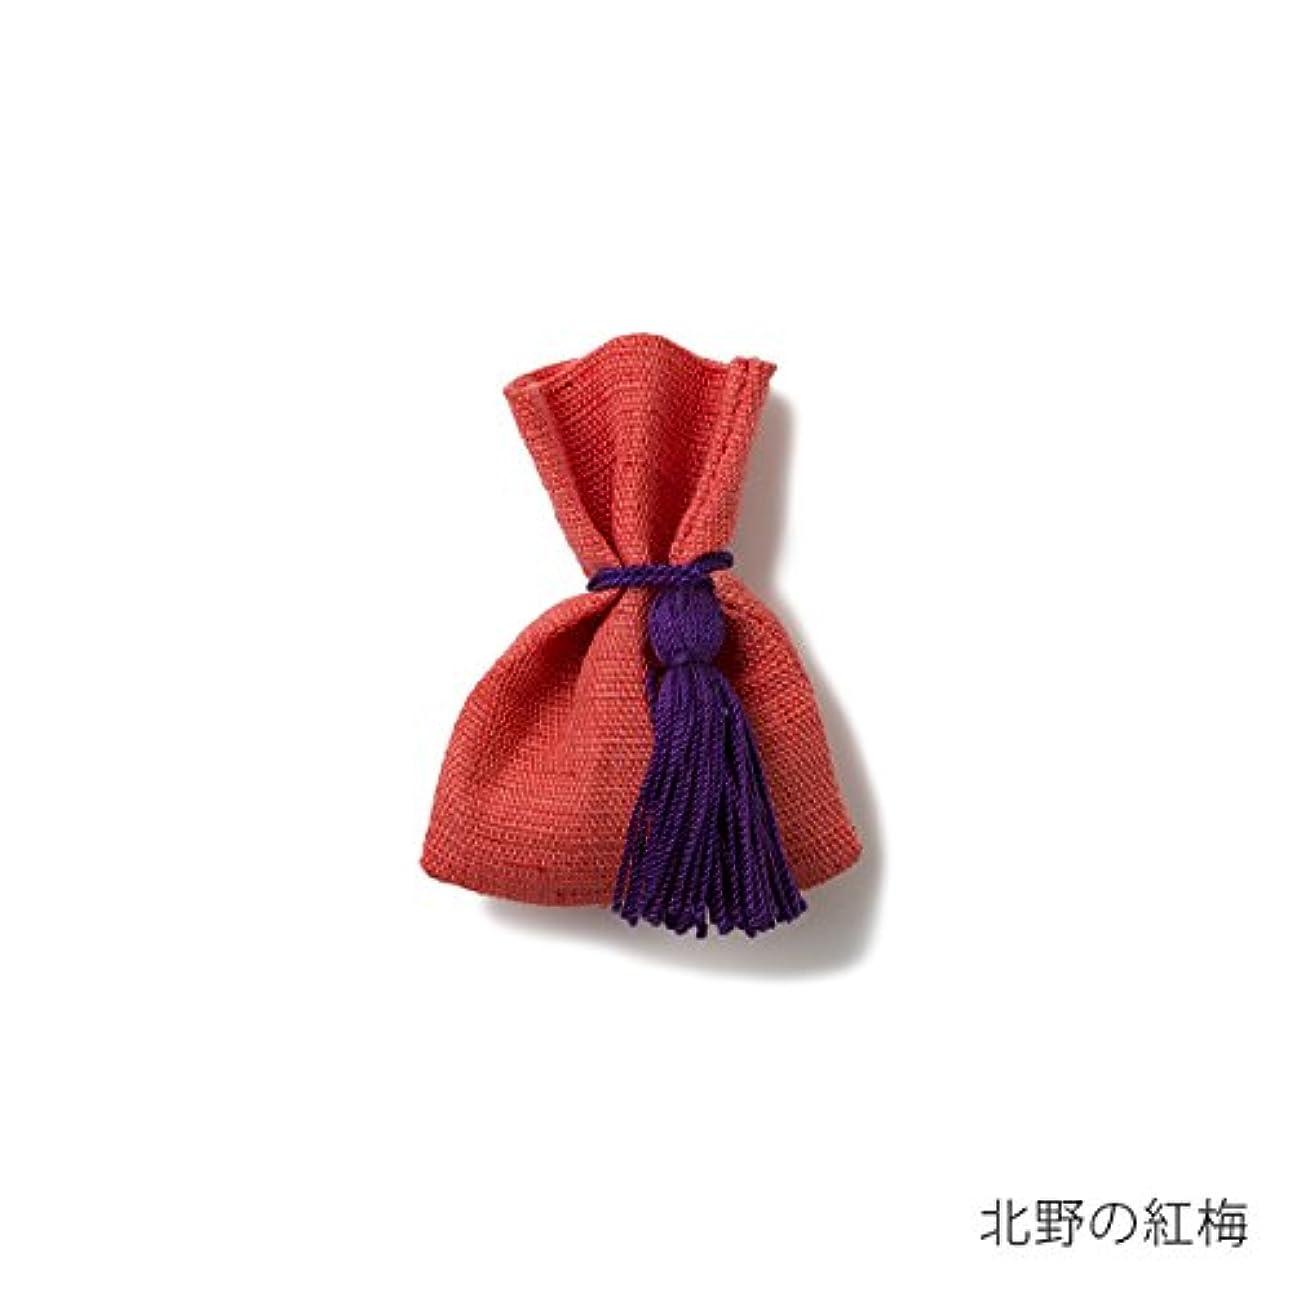 上がる否認するスクラップブック【薫玉堂】 京の香り 香袋 北野の紅梅